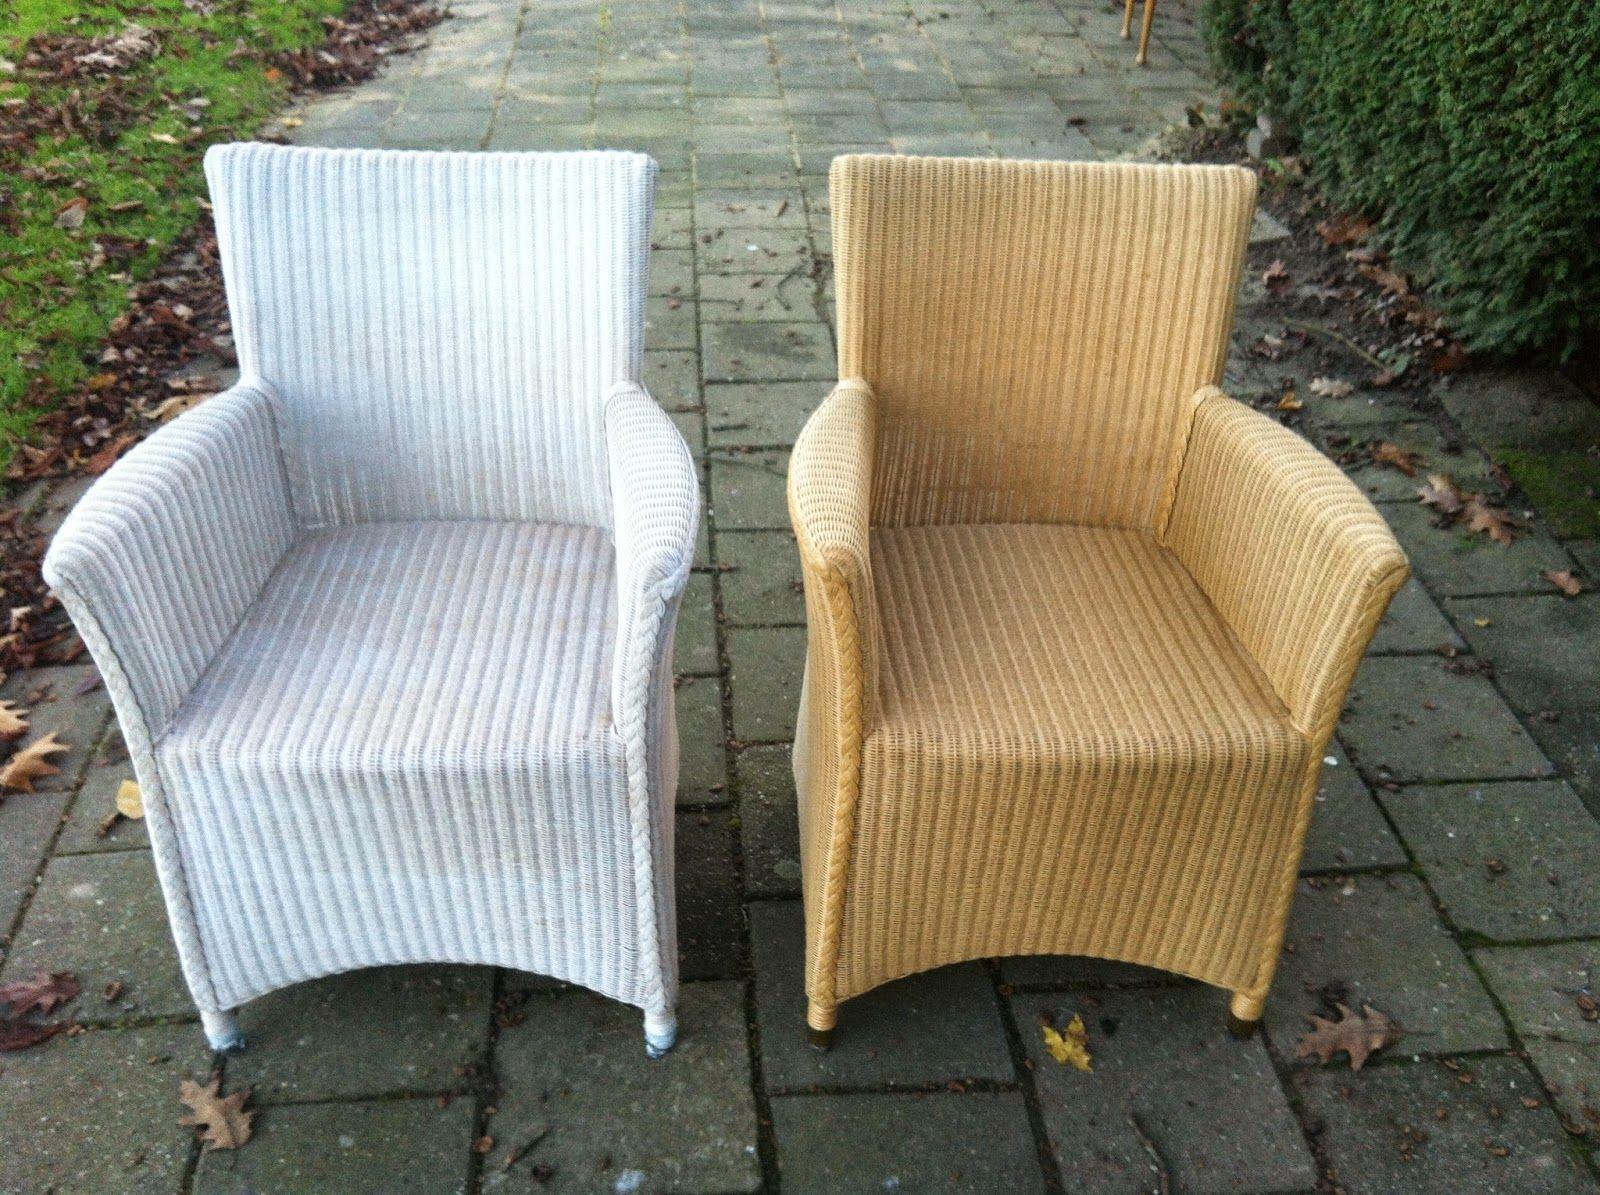 Een tijdje geledenkreeg ik de vraagvan iemand omeen aantal rieten stoelen te restylen. Ikheb al veel meubels een nieuw jasje gegeven, ...